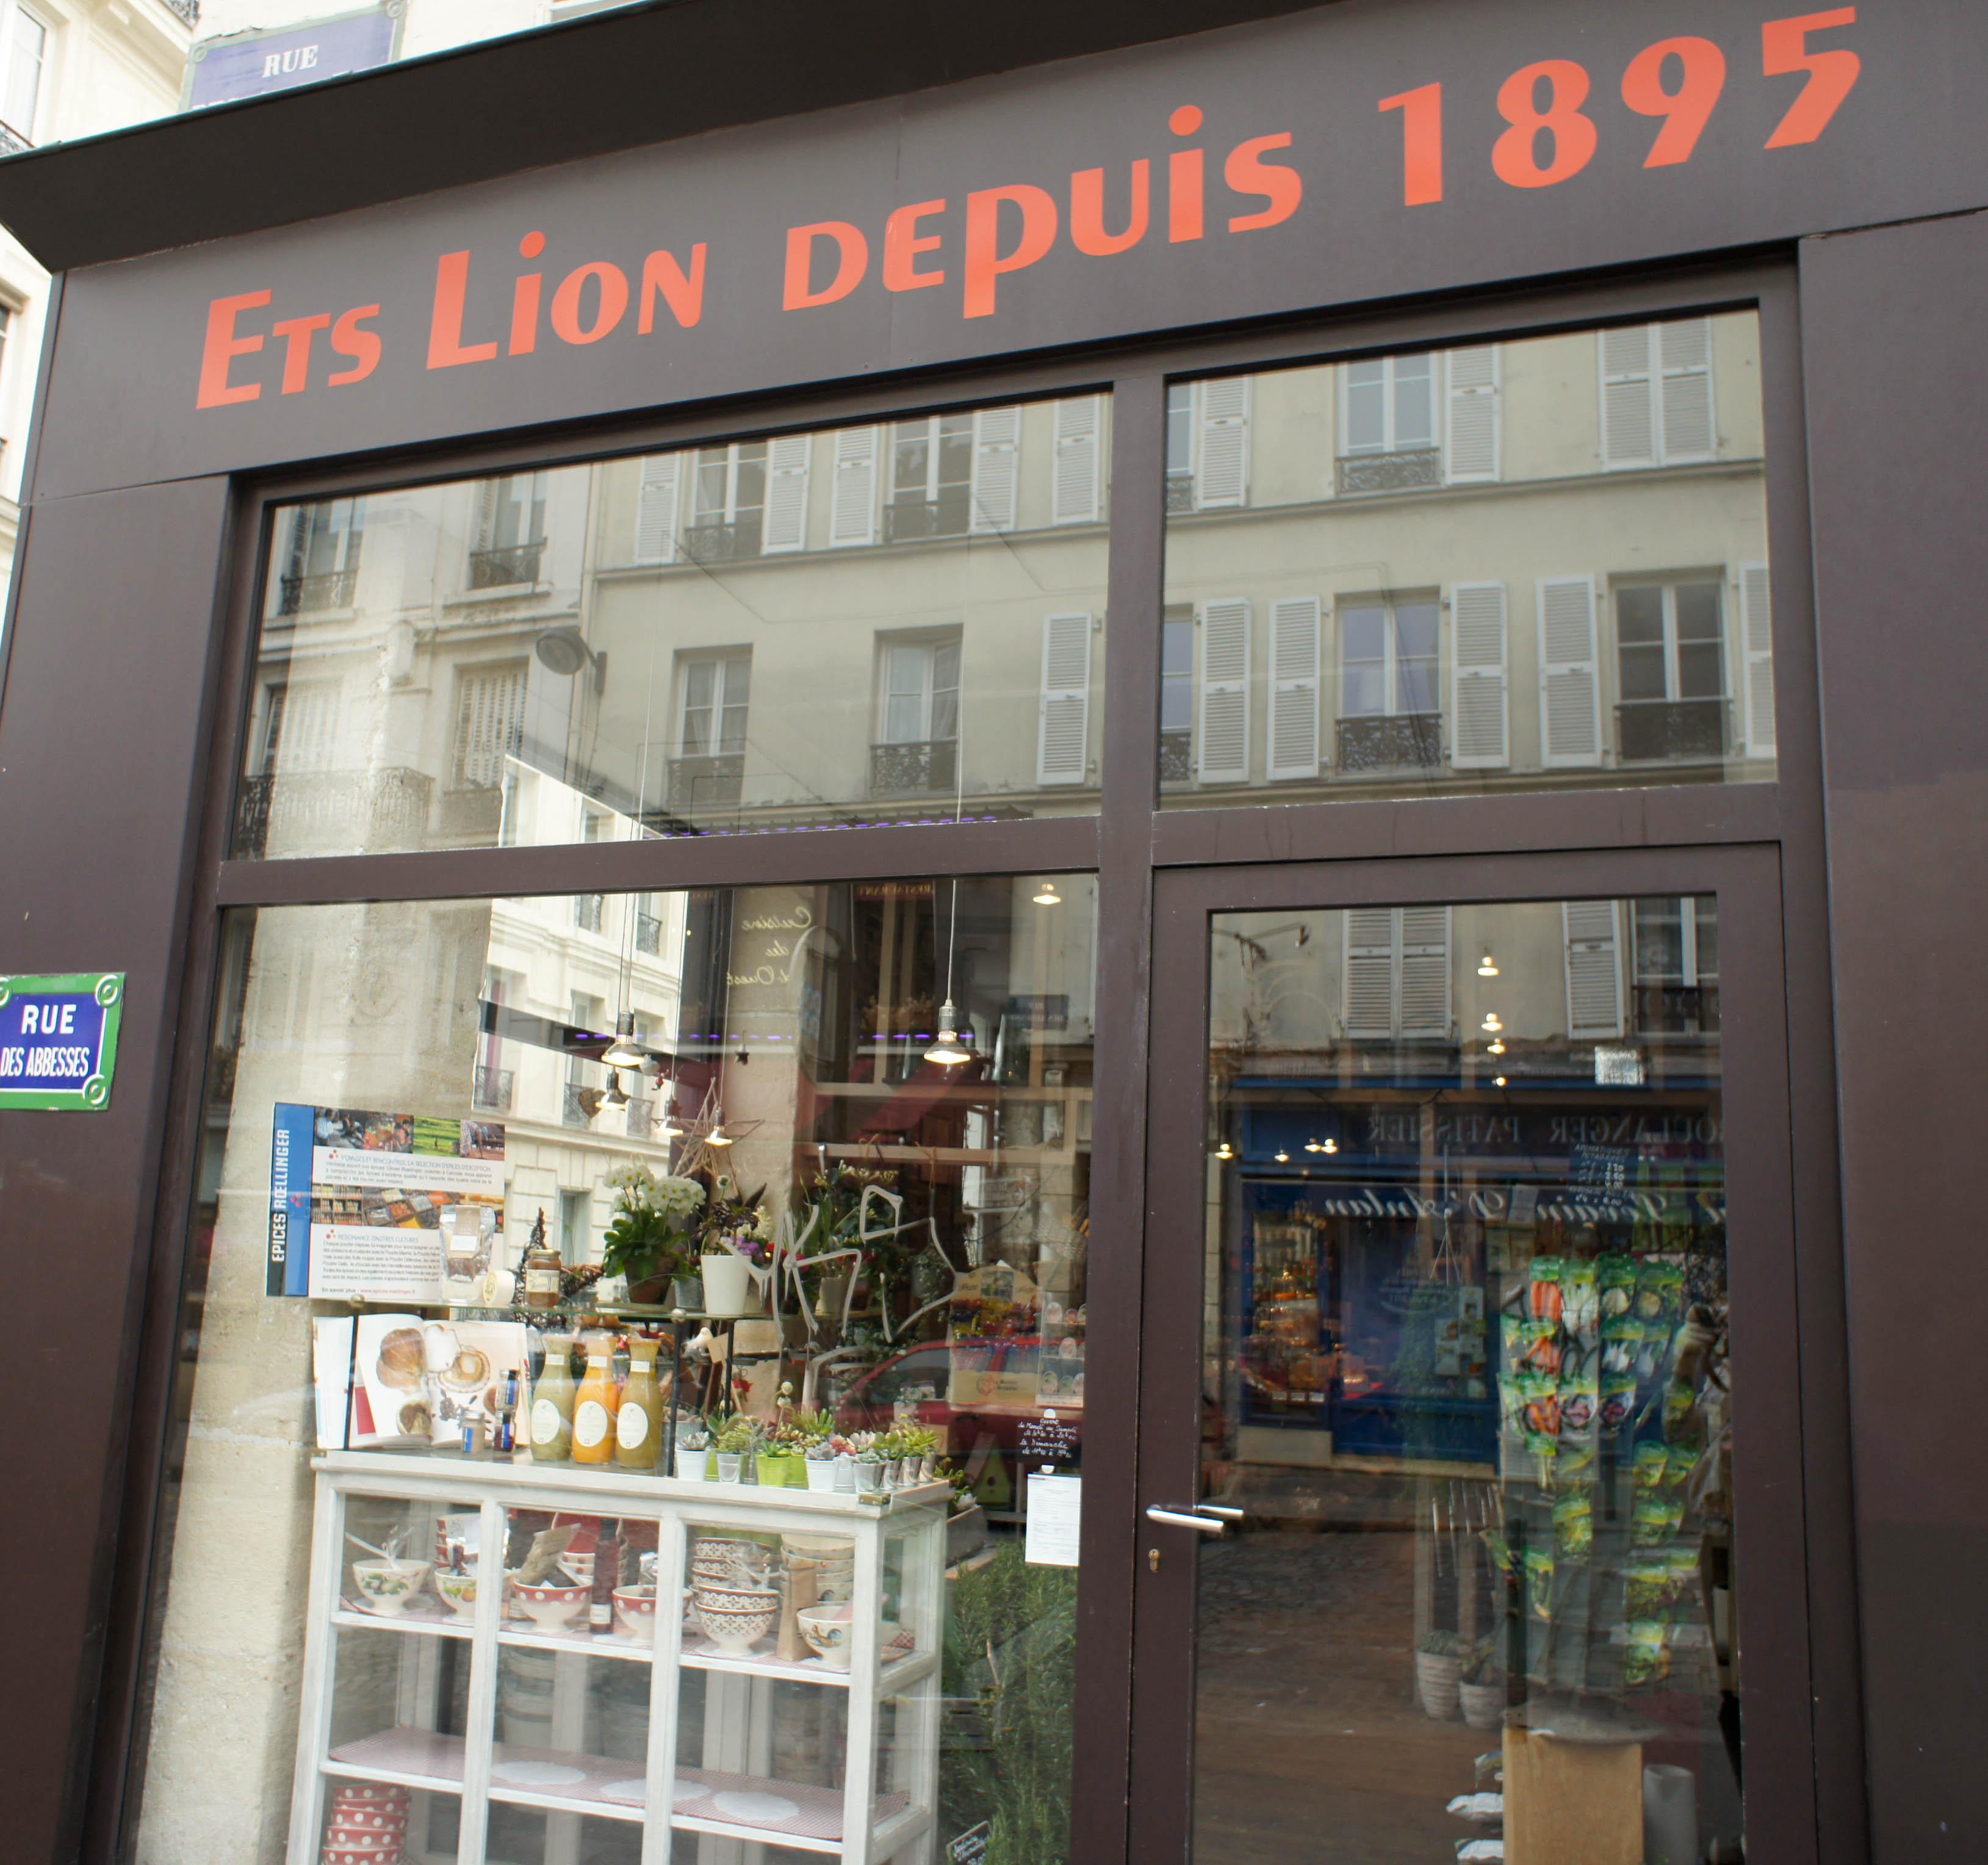 Ets Lion Paris 18 Une Picerie Graineterie Du Potager L